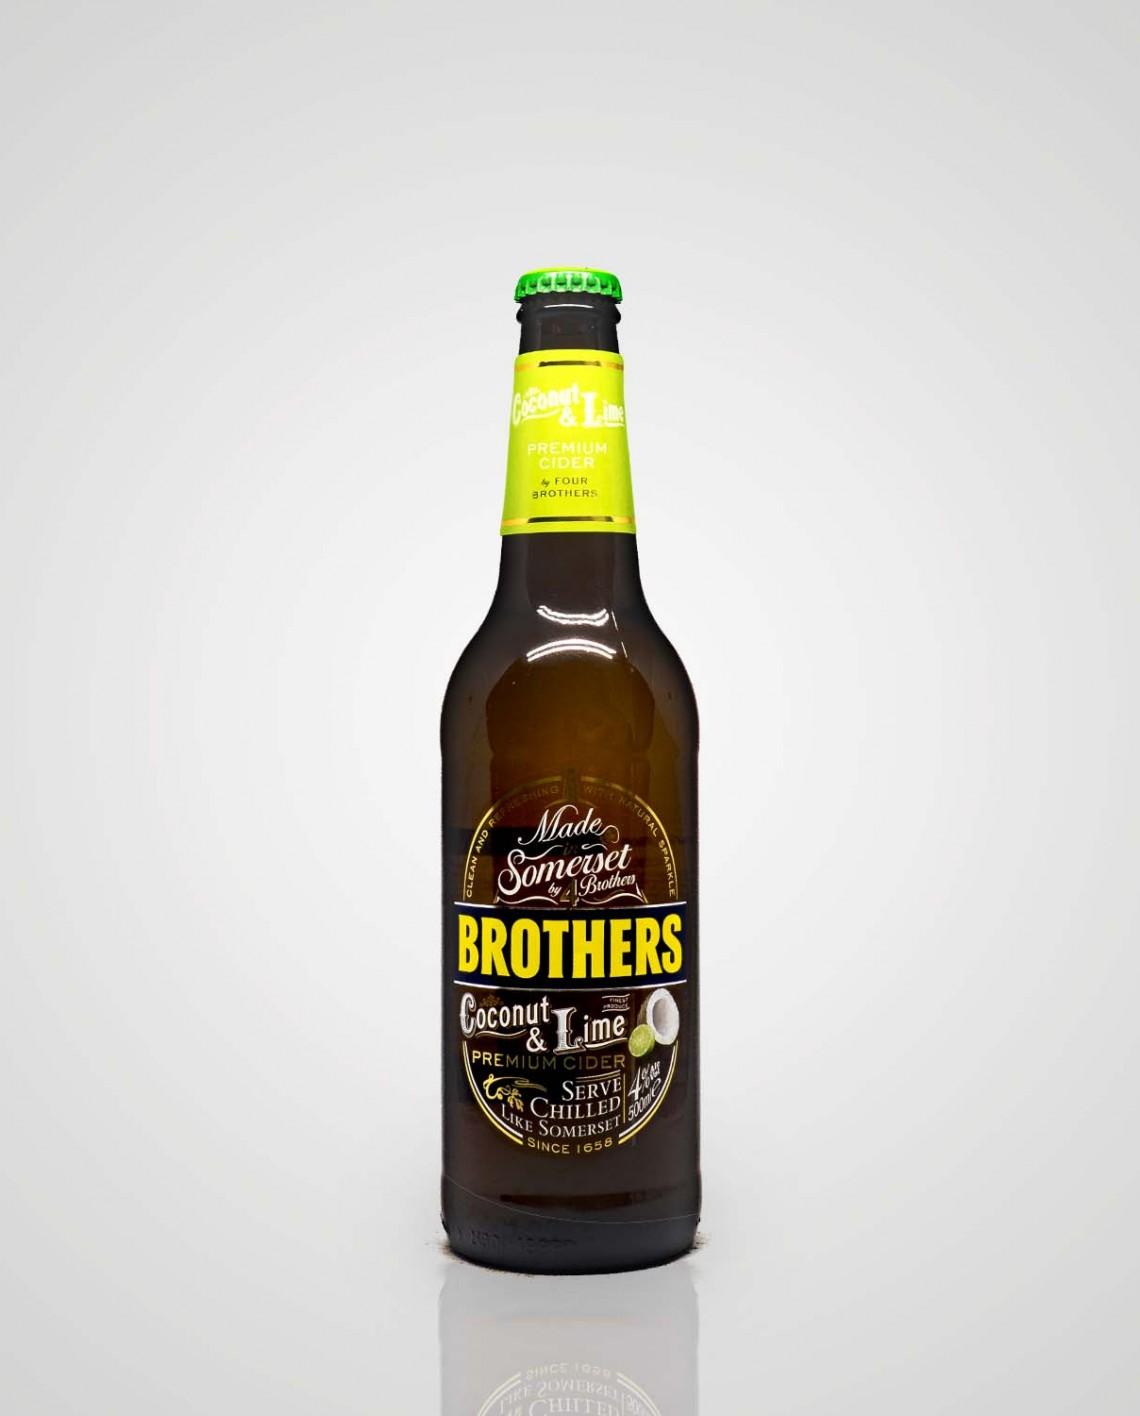 Craftbeer-dealer.com_brothers_coconut&lime_cider